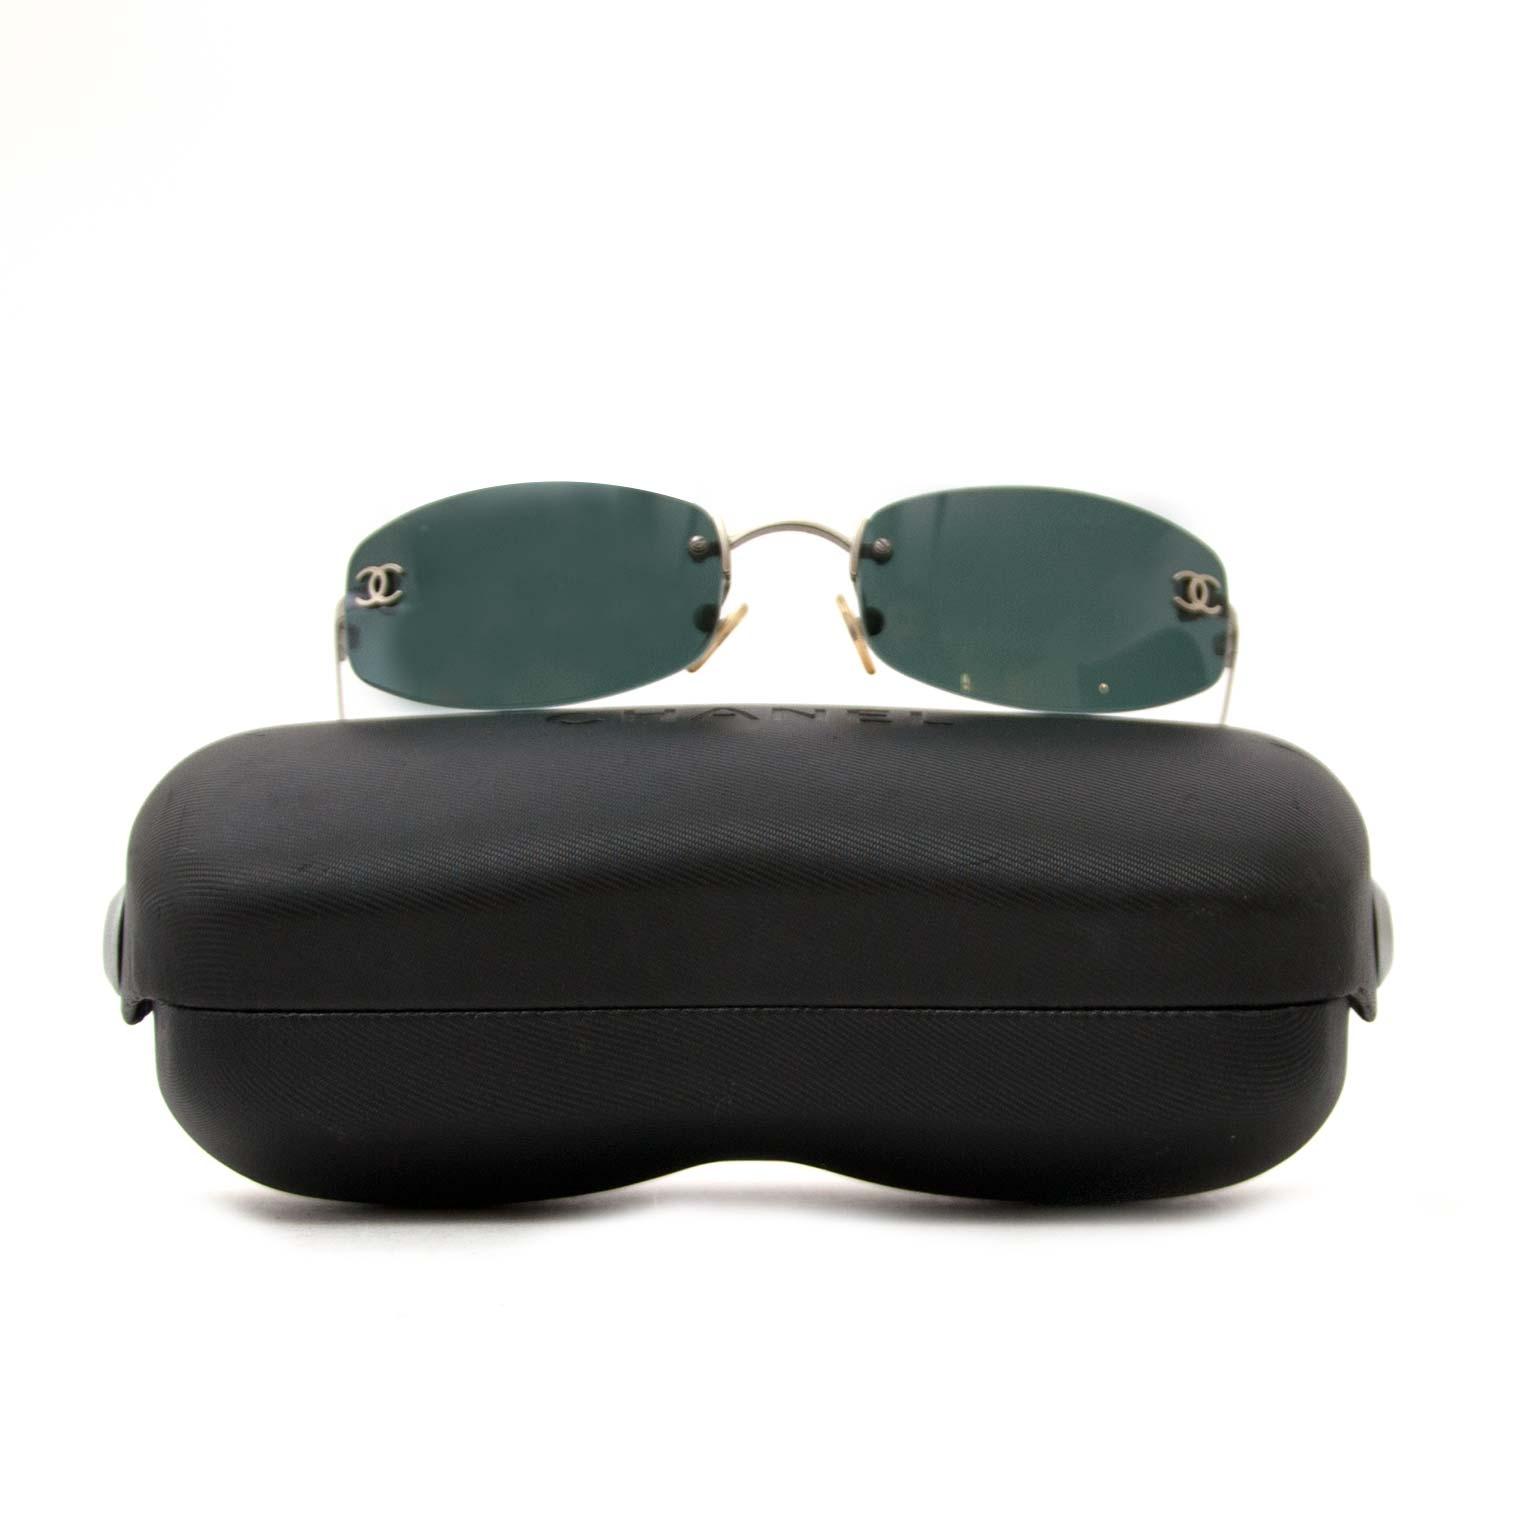 koop chanel rimless cc aviator zonnebril nu online bij labellov vintage mode webshop belgië